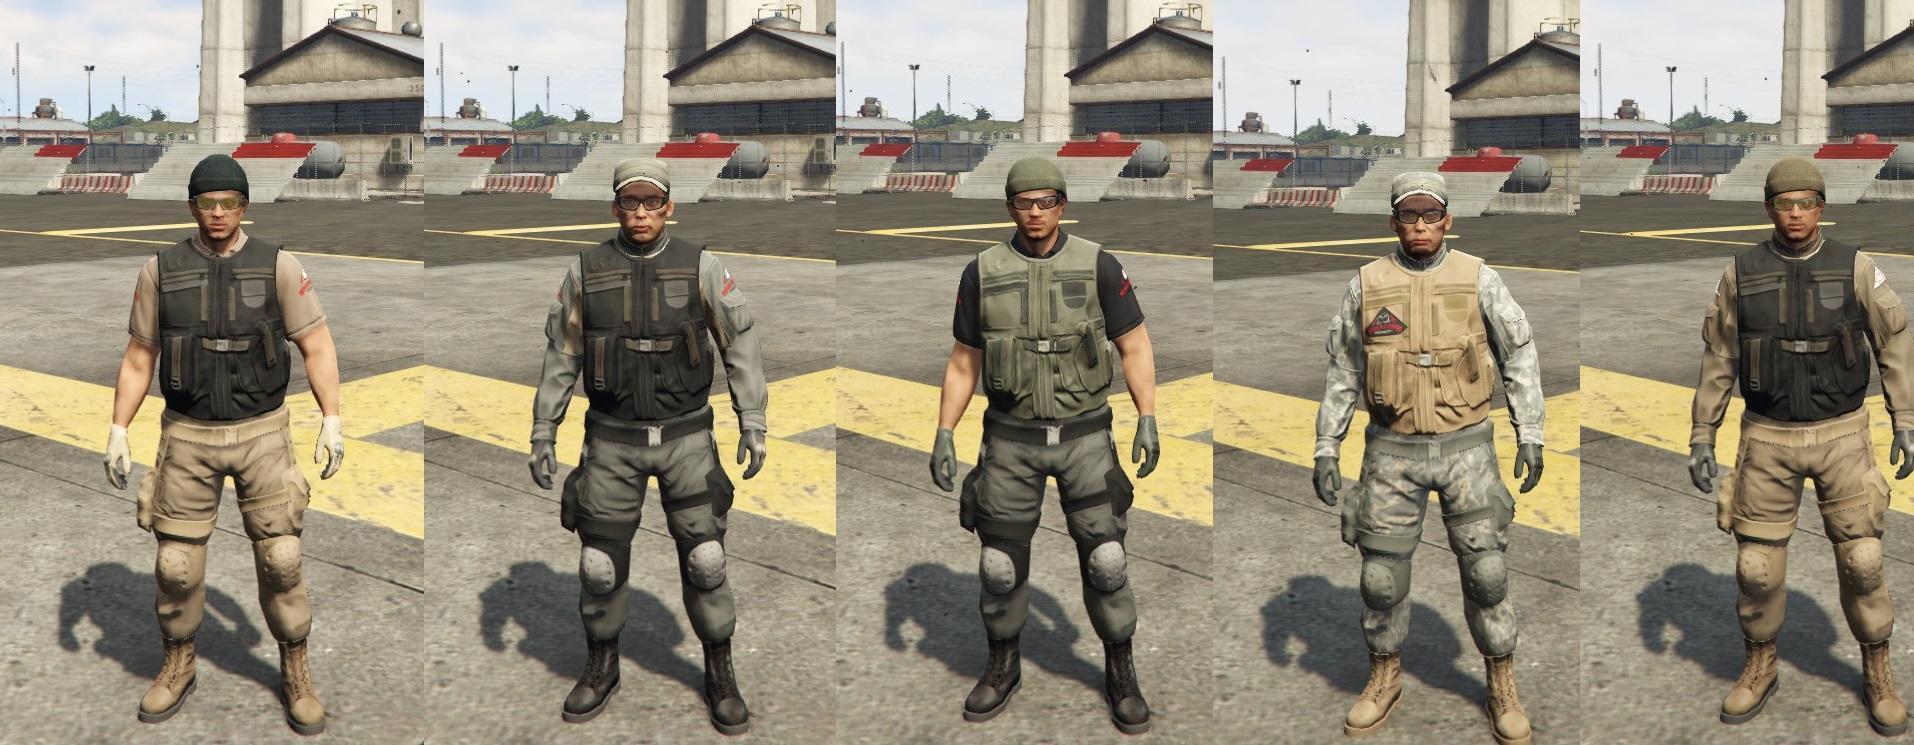 【知己知彼百战不殆】《GTA》系列武装力量简介:梅利威瑟私人安保插图5